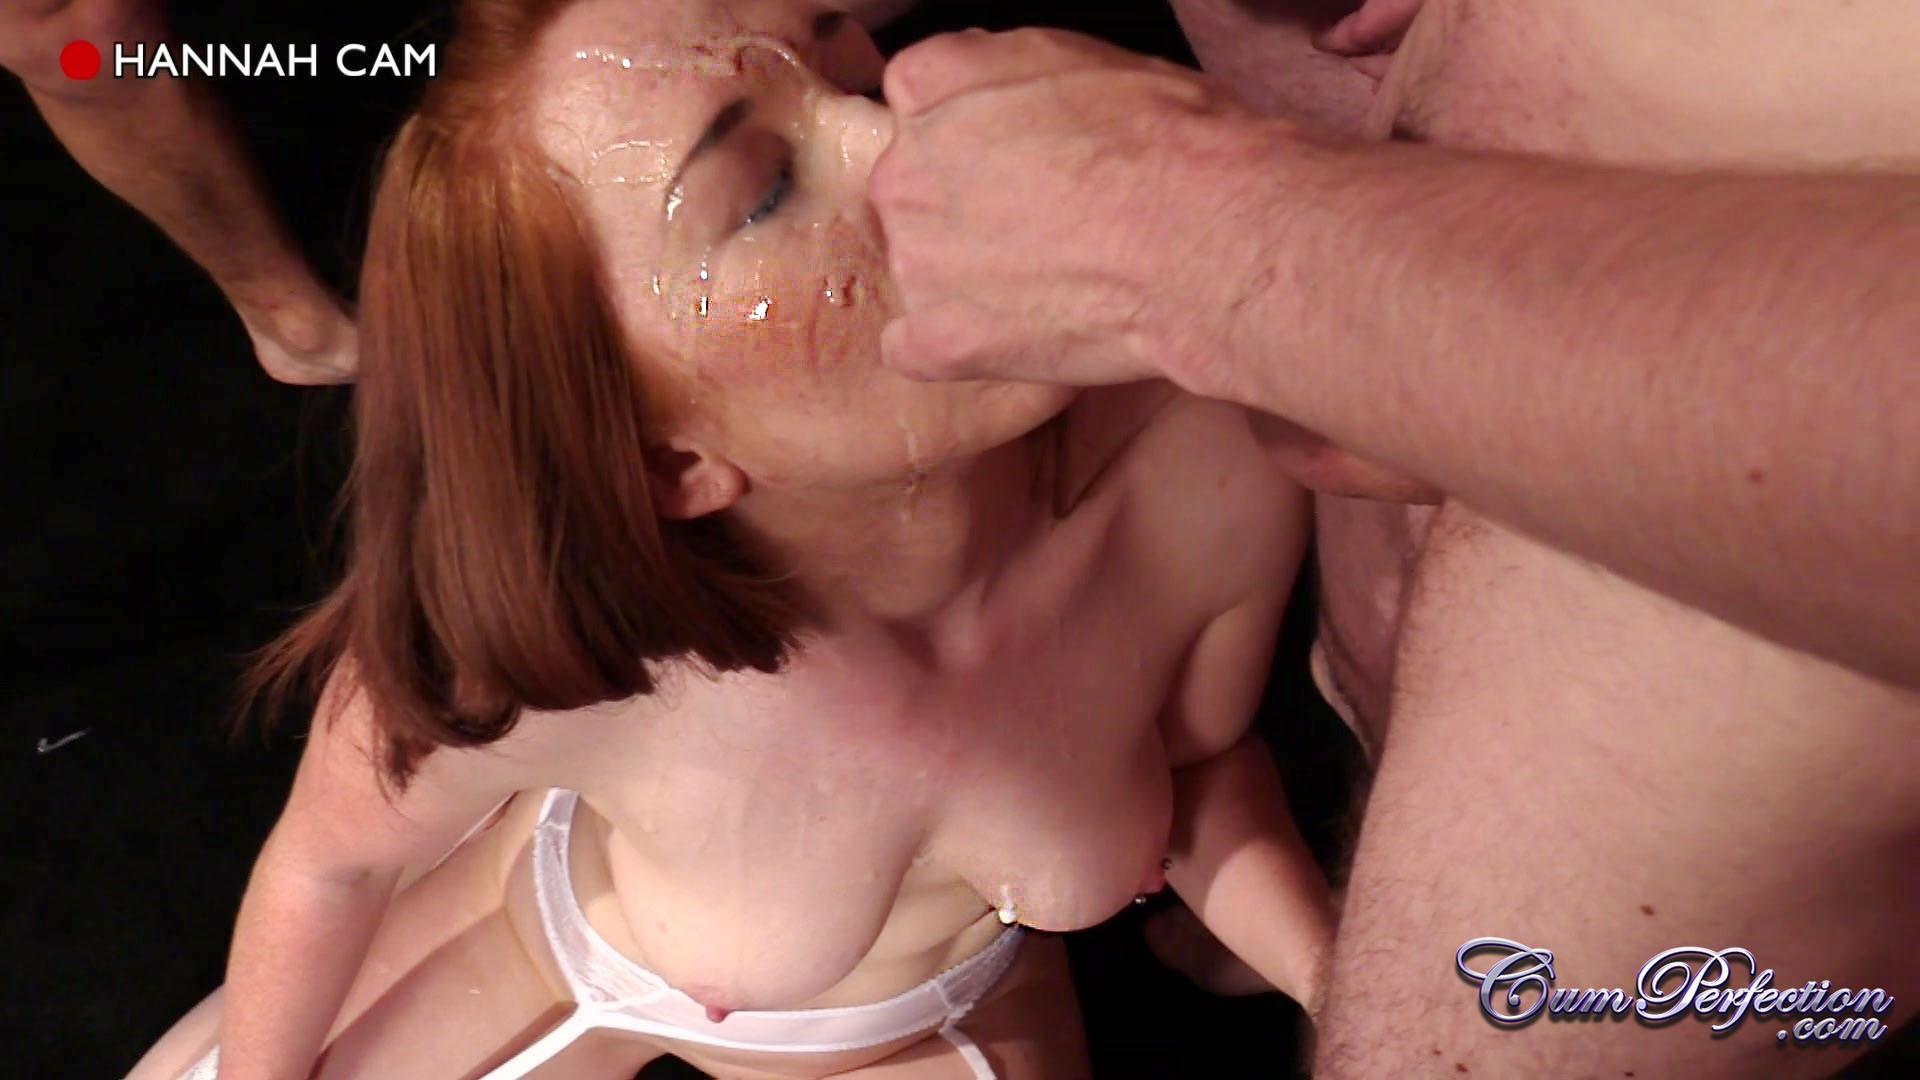 Рыжей шлюшке извергают огромное количество спермы на её личико